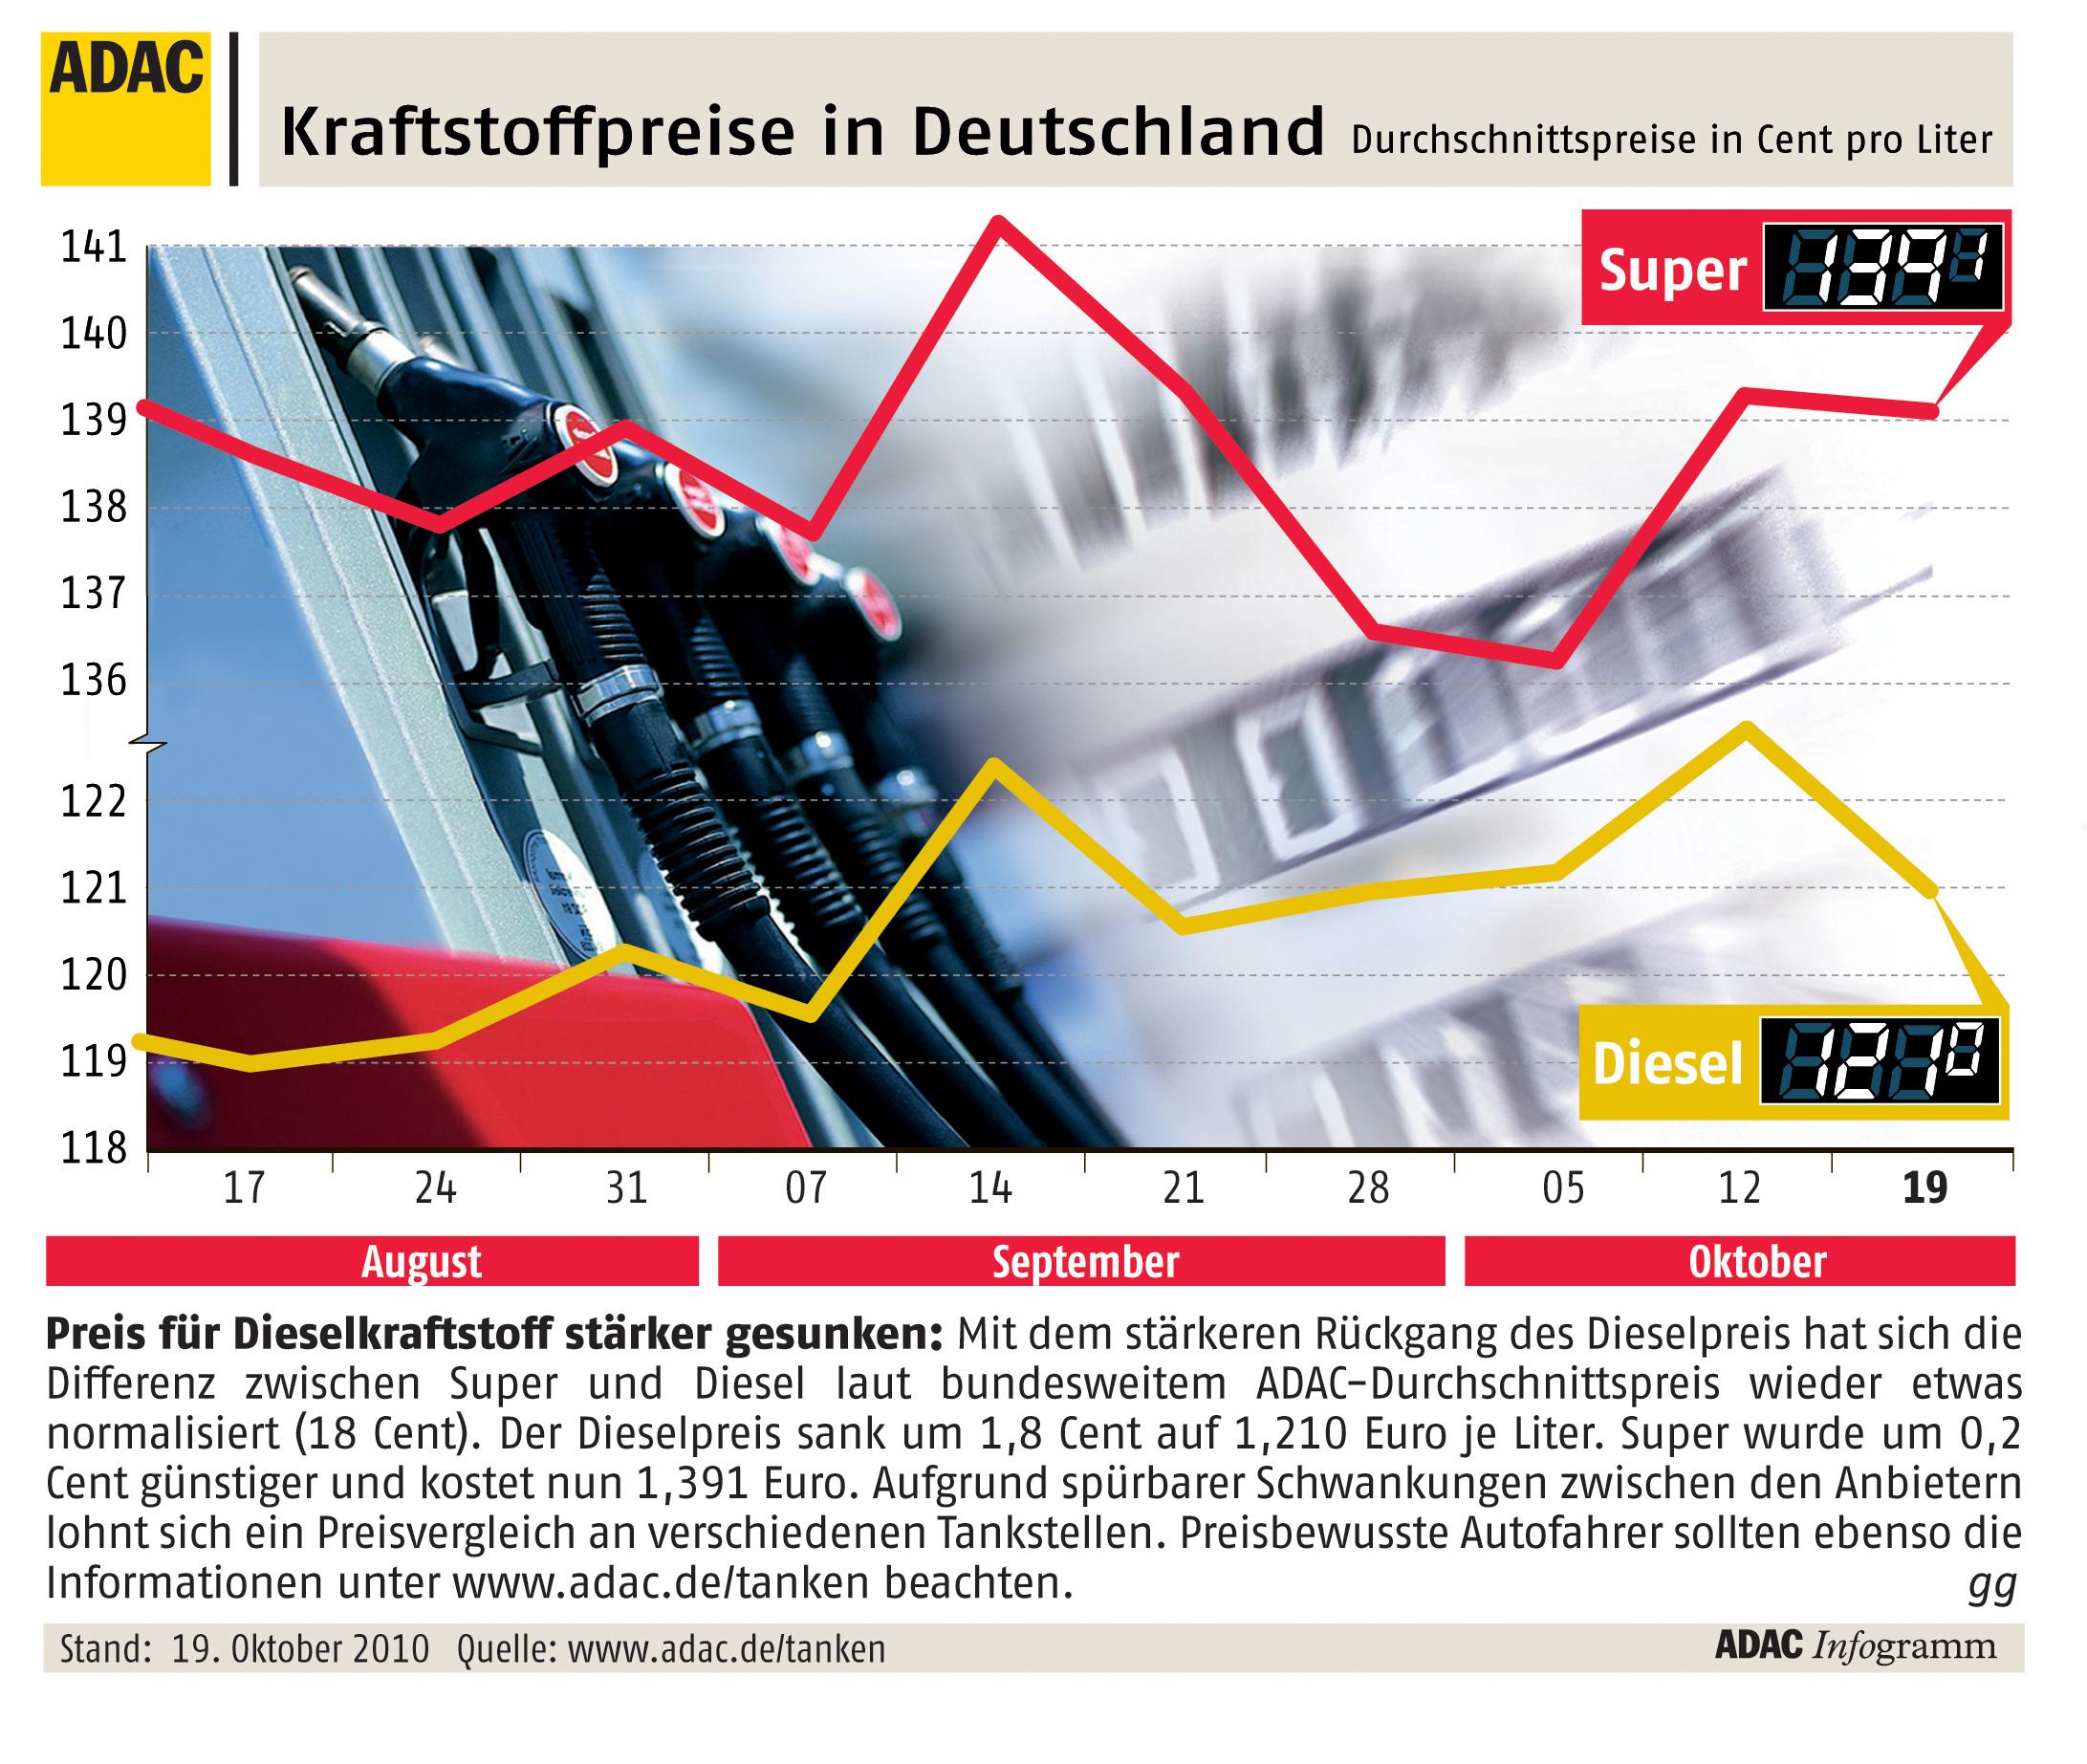 Tanken - benzinpreisvergleich